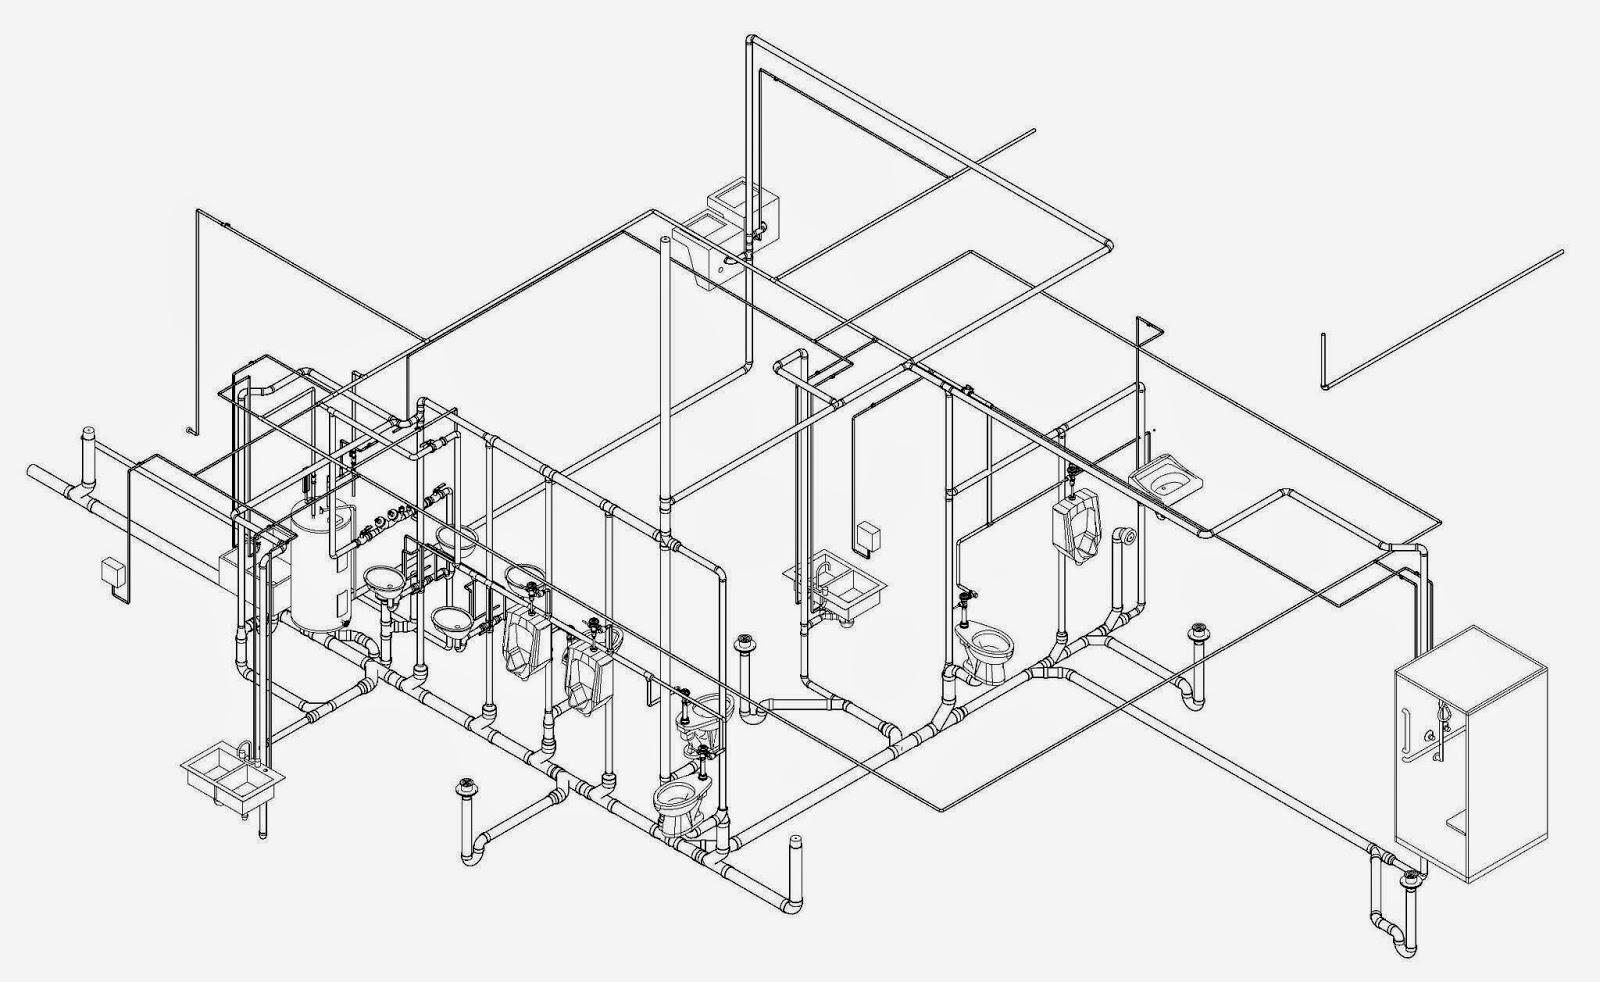 Isometric Drawing Plumbing